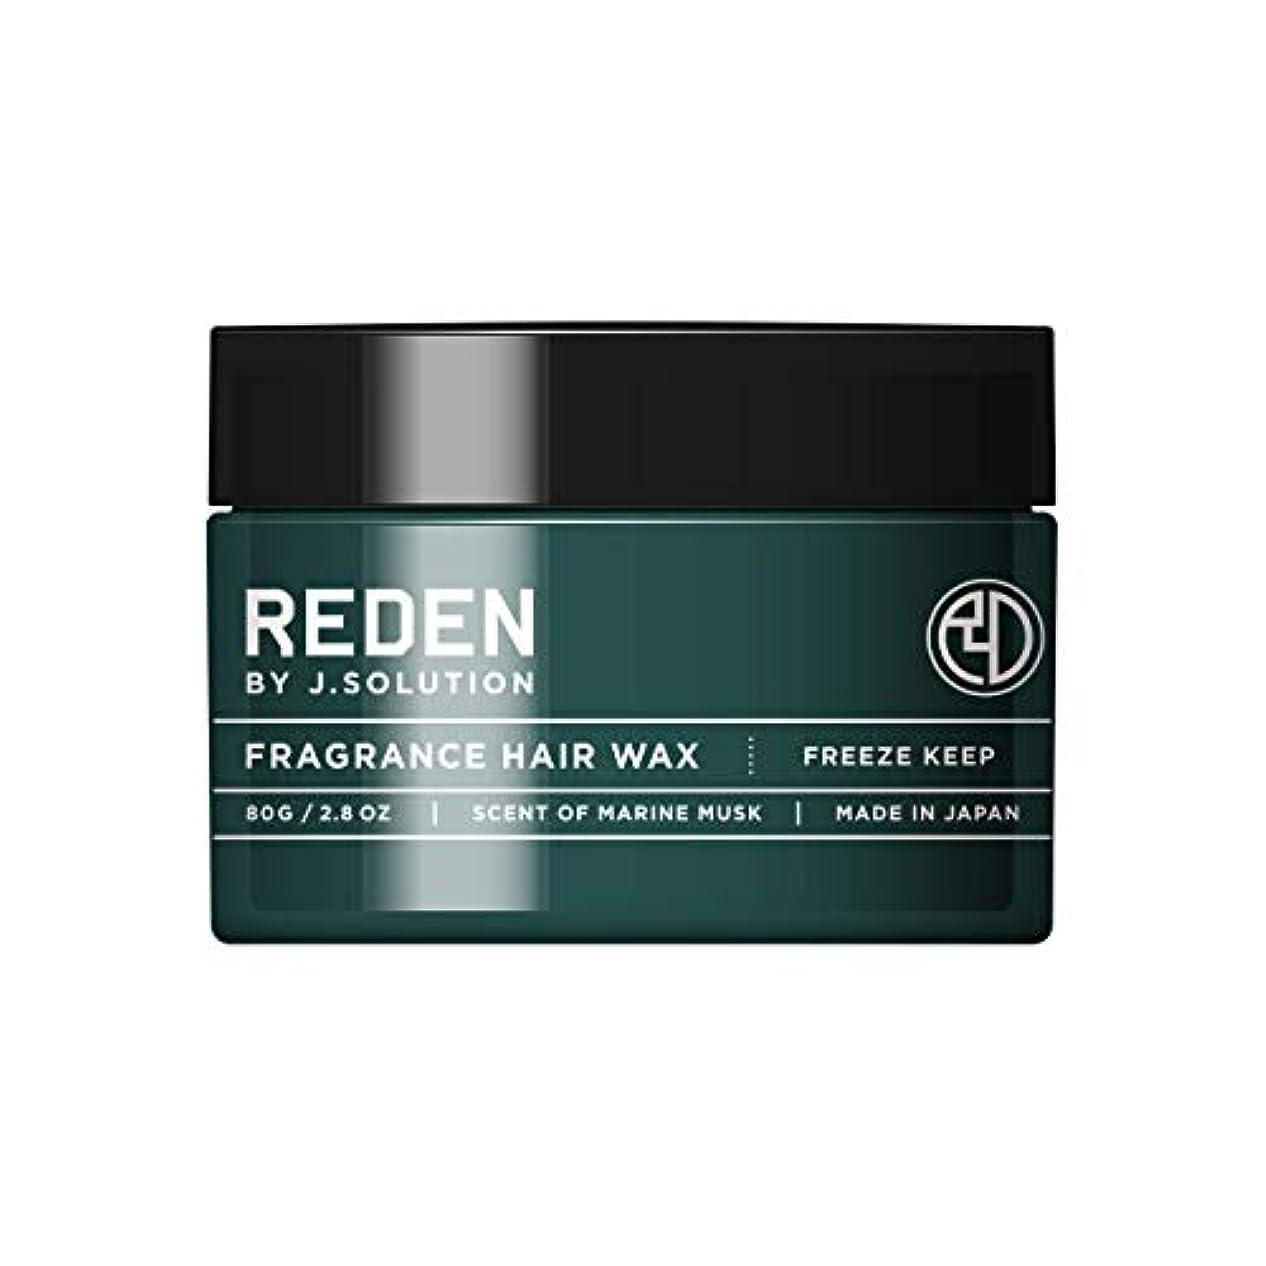 キー極めて重要な手足REDEN(リデン) REDEN FRAGRANCE HAIR WAX FREEZE KEEP(リデン フレグランス ヘアワックス フリーズキープ)80ml マリンムスク